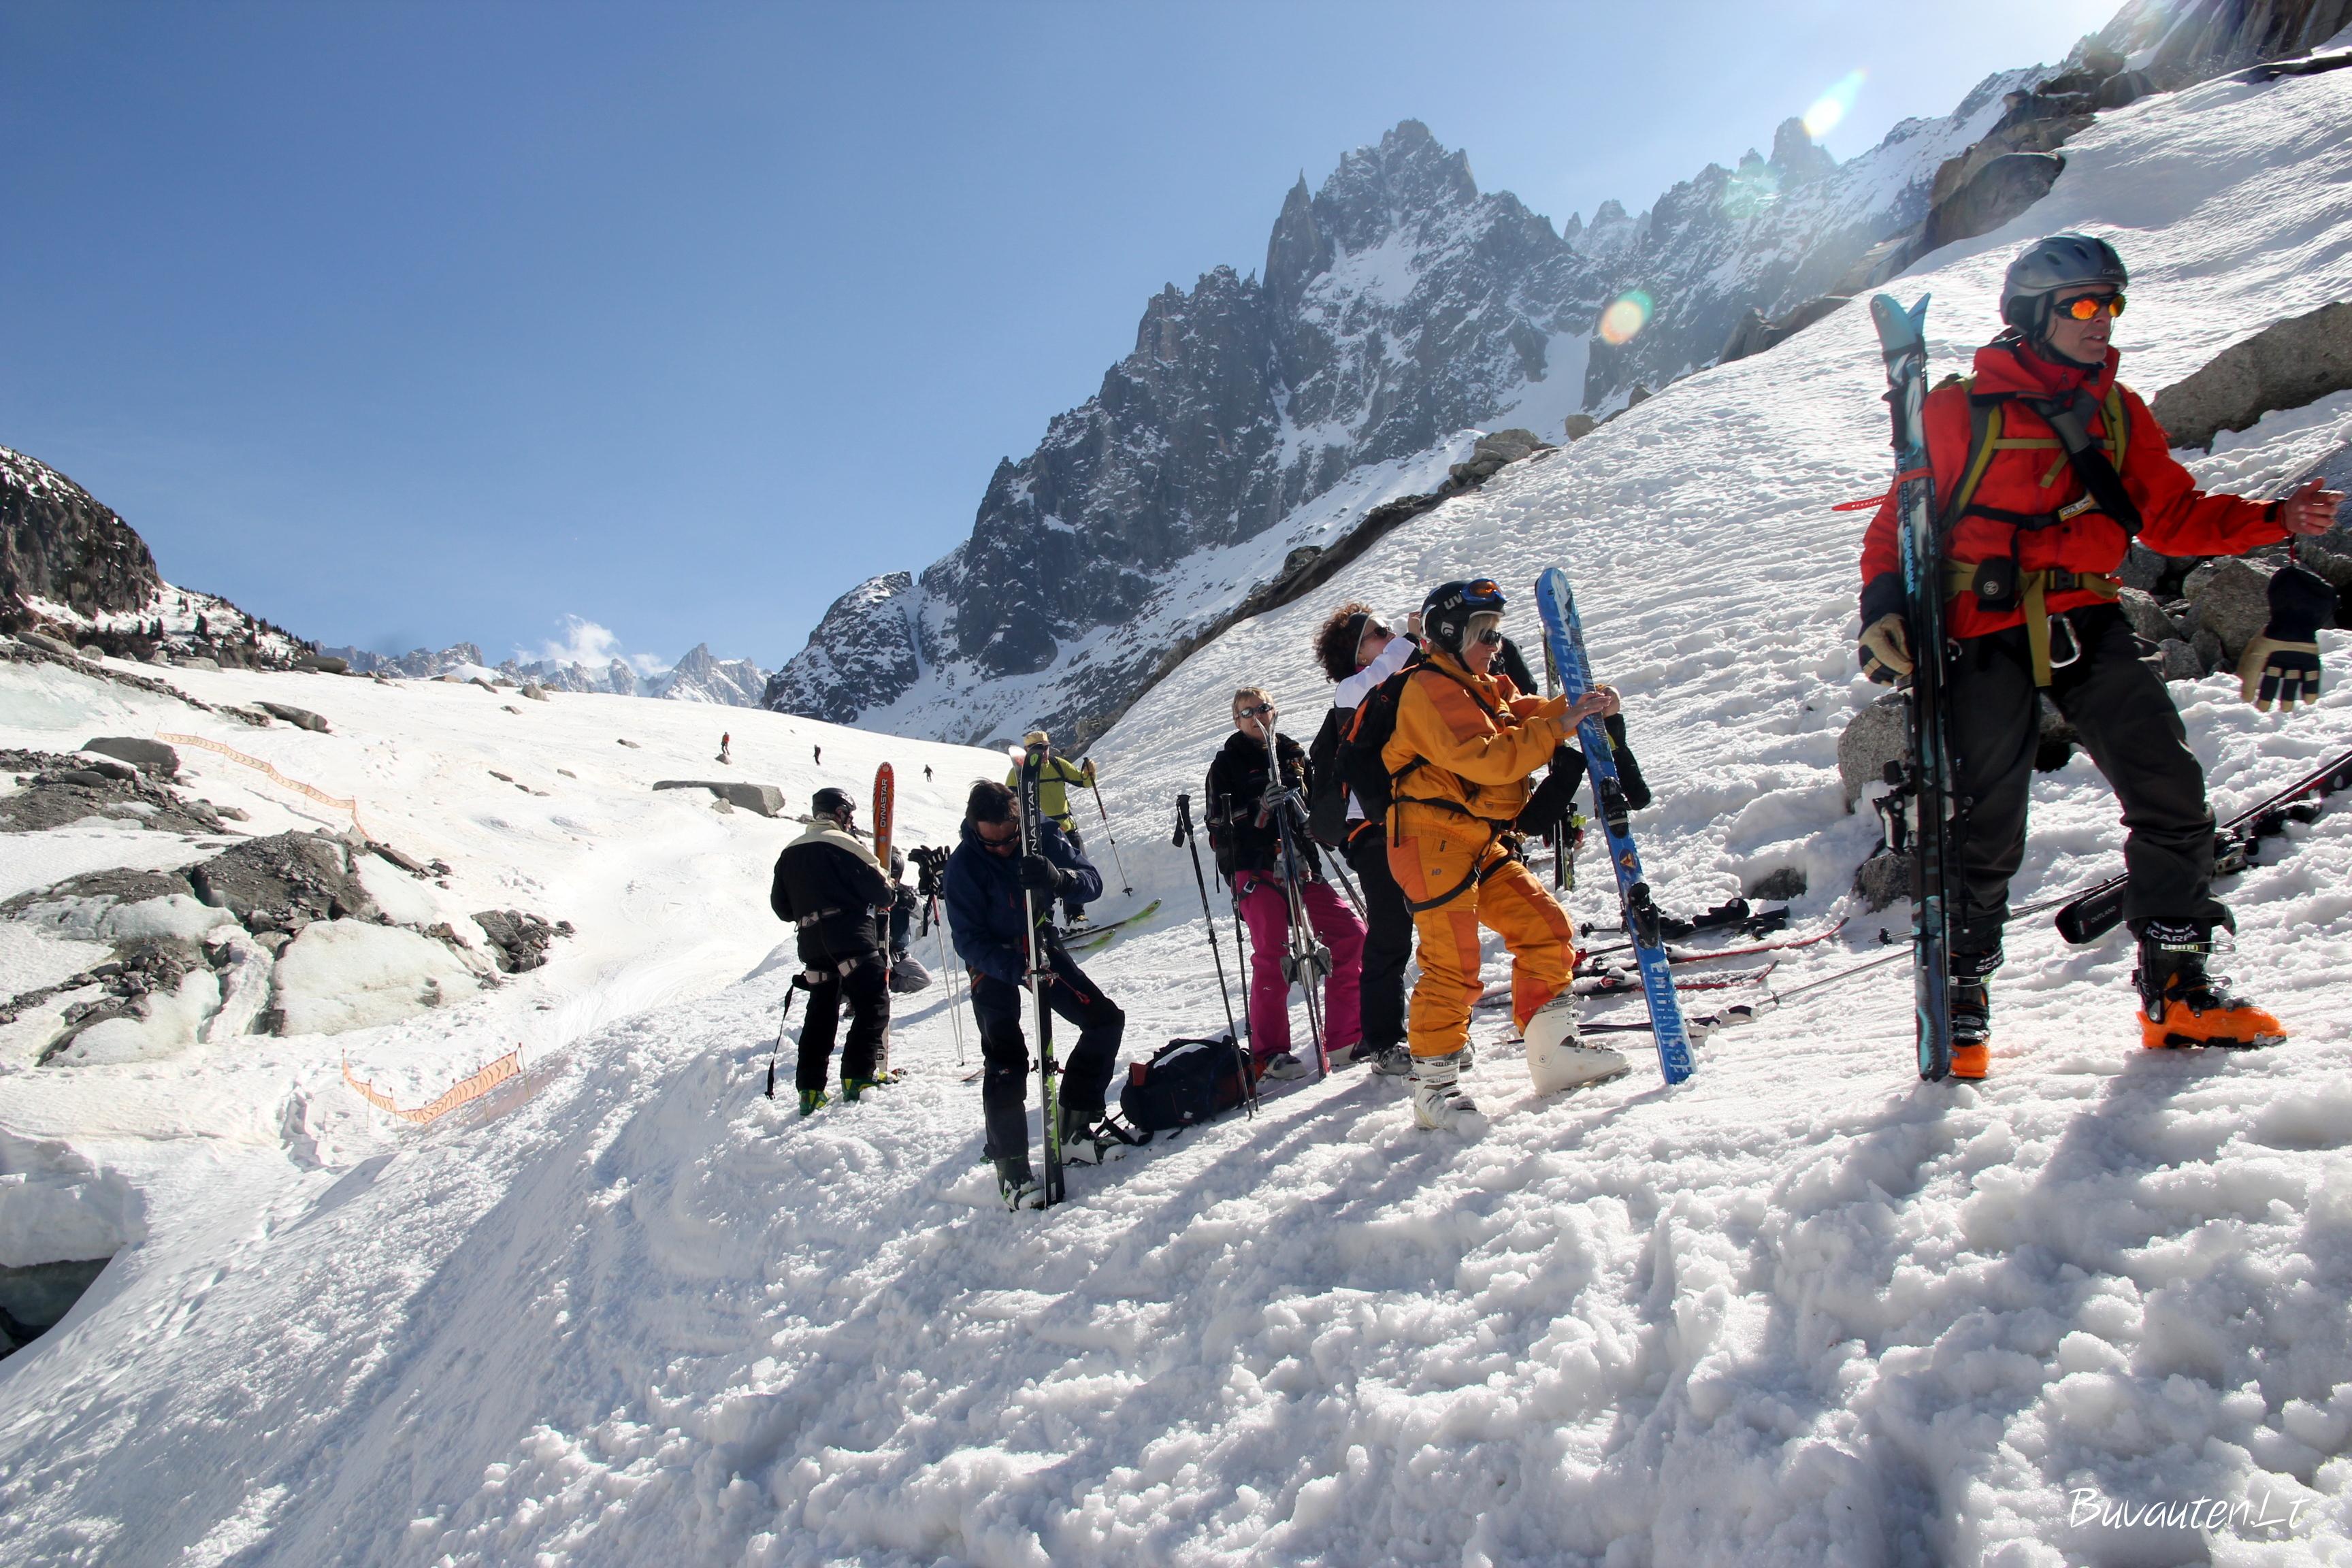 Iš Baltojo slėnio sugrįžtantys slidininkai